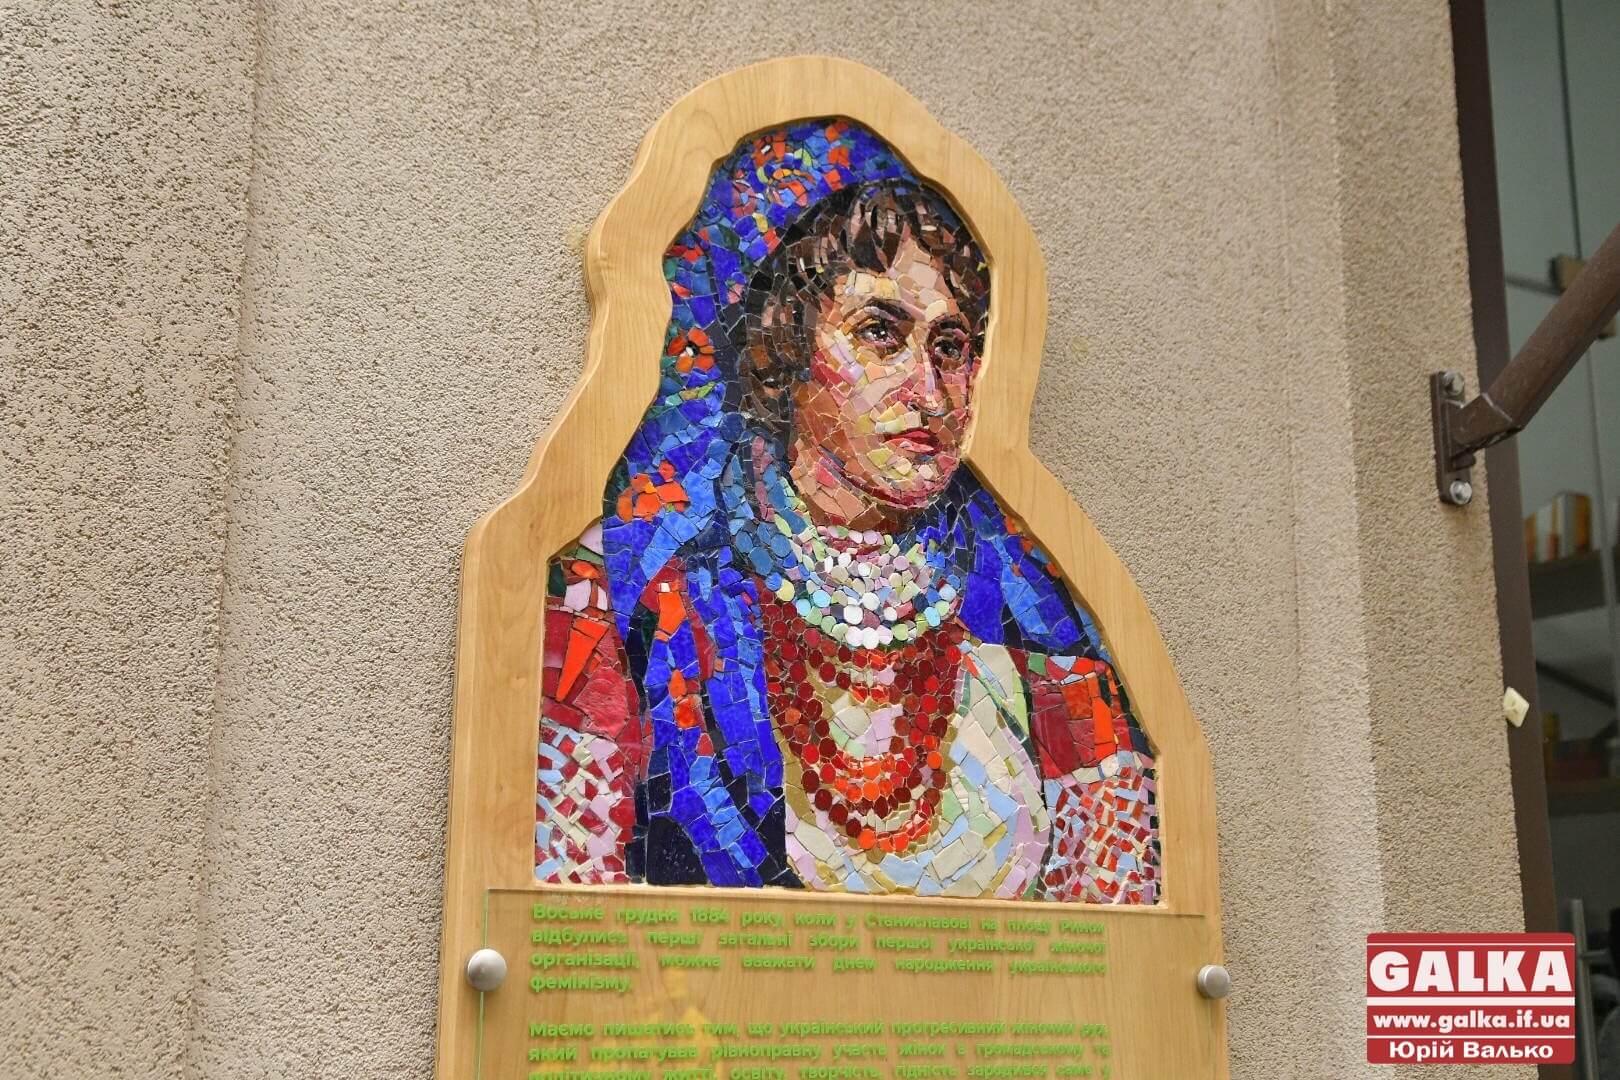 Піонерці українського фемінізму відкрили пам'ятну дошку з мозаїки в центрі Франківська (ФОТО)